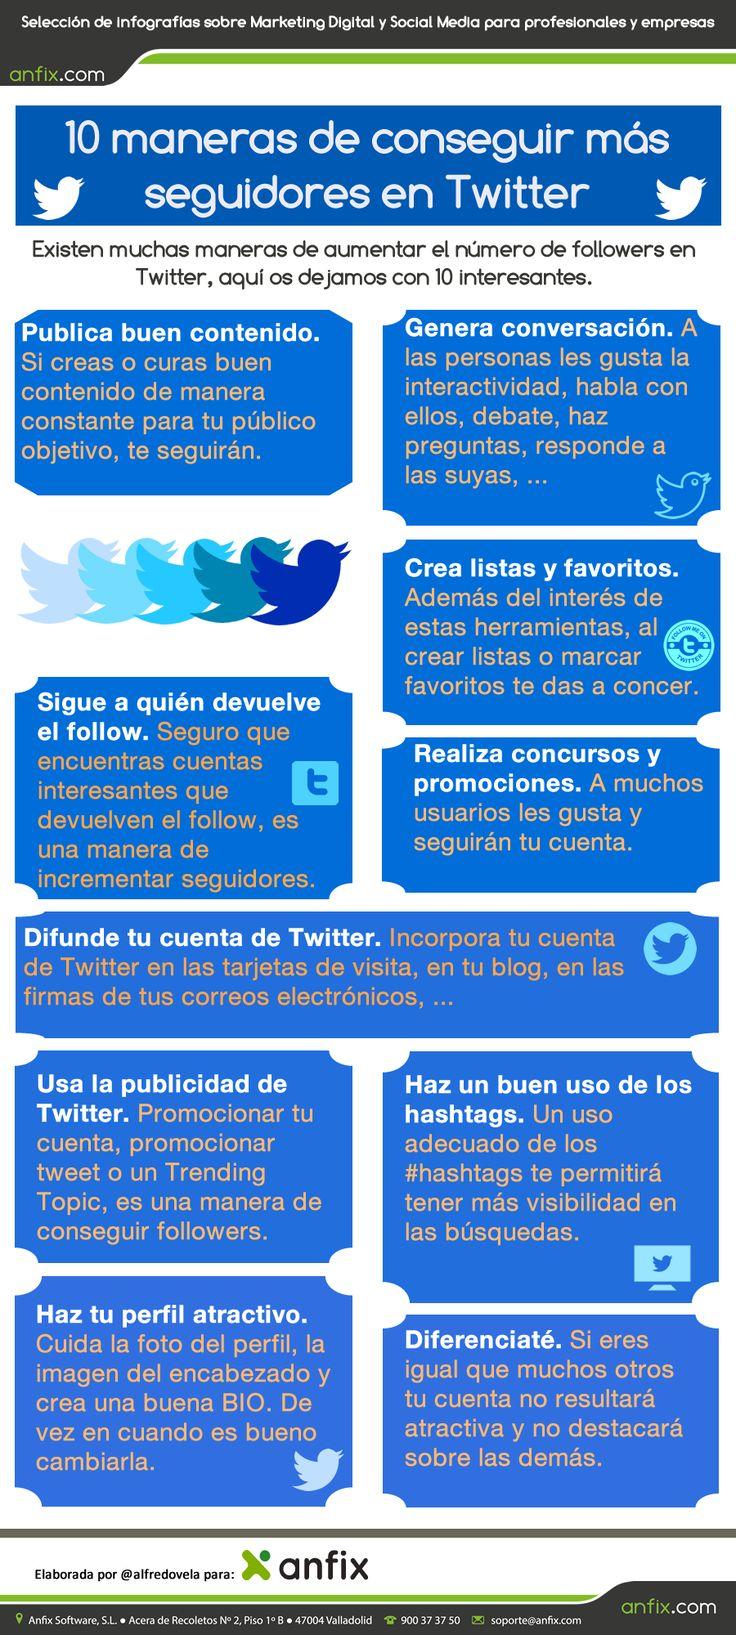 10 maneras de conseguir más seguidores en Twitter